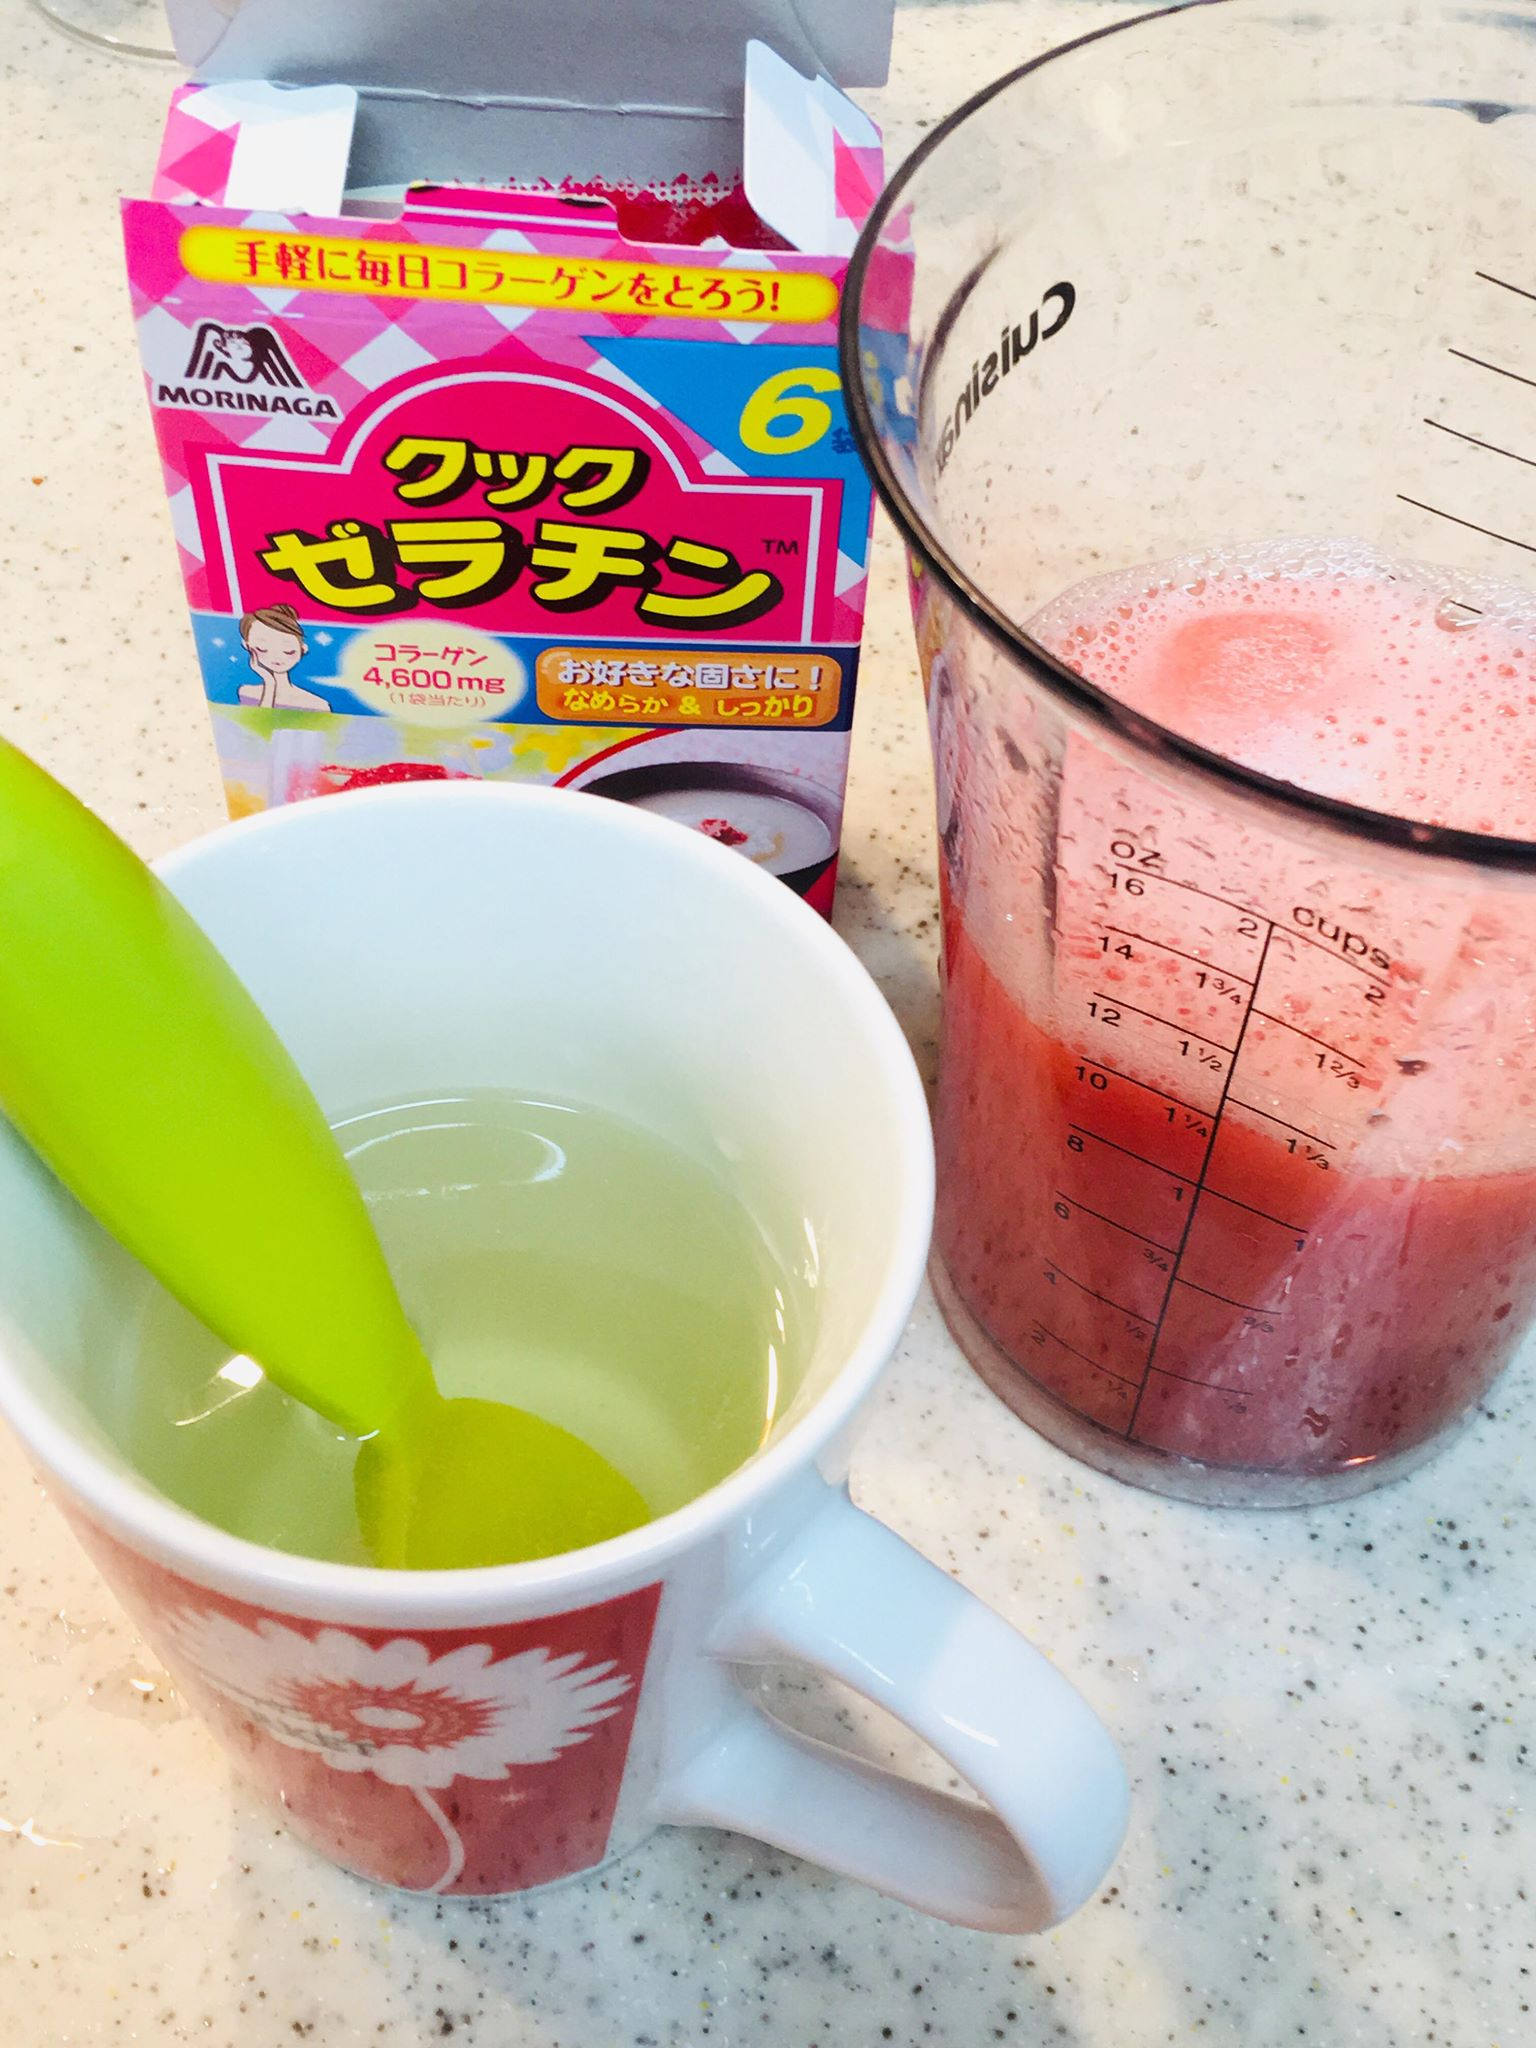 ゼラチンをお湯に溶かしてスイカ汁と合わせる